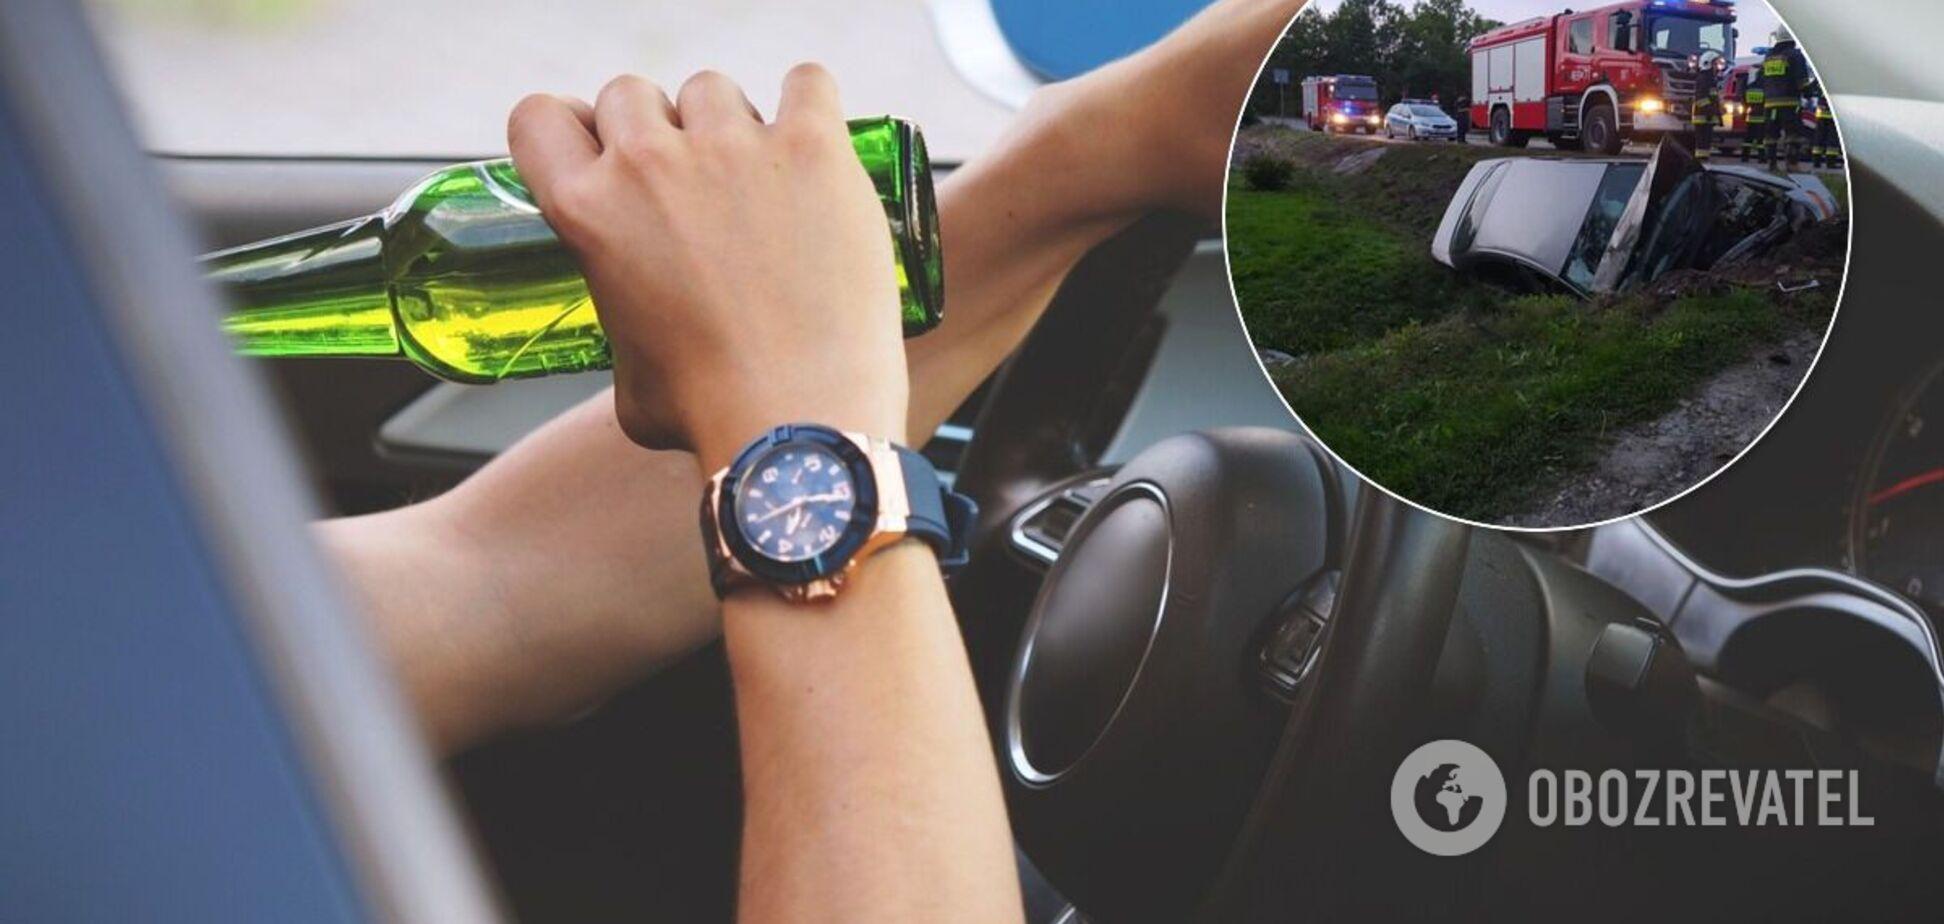 П'яний українець розбив у Польщі автомобіль, який хотів купити